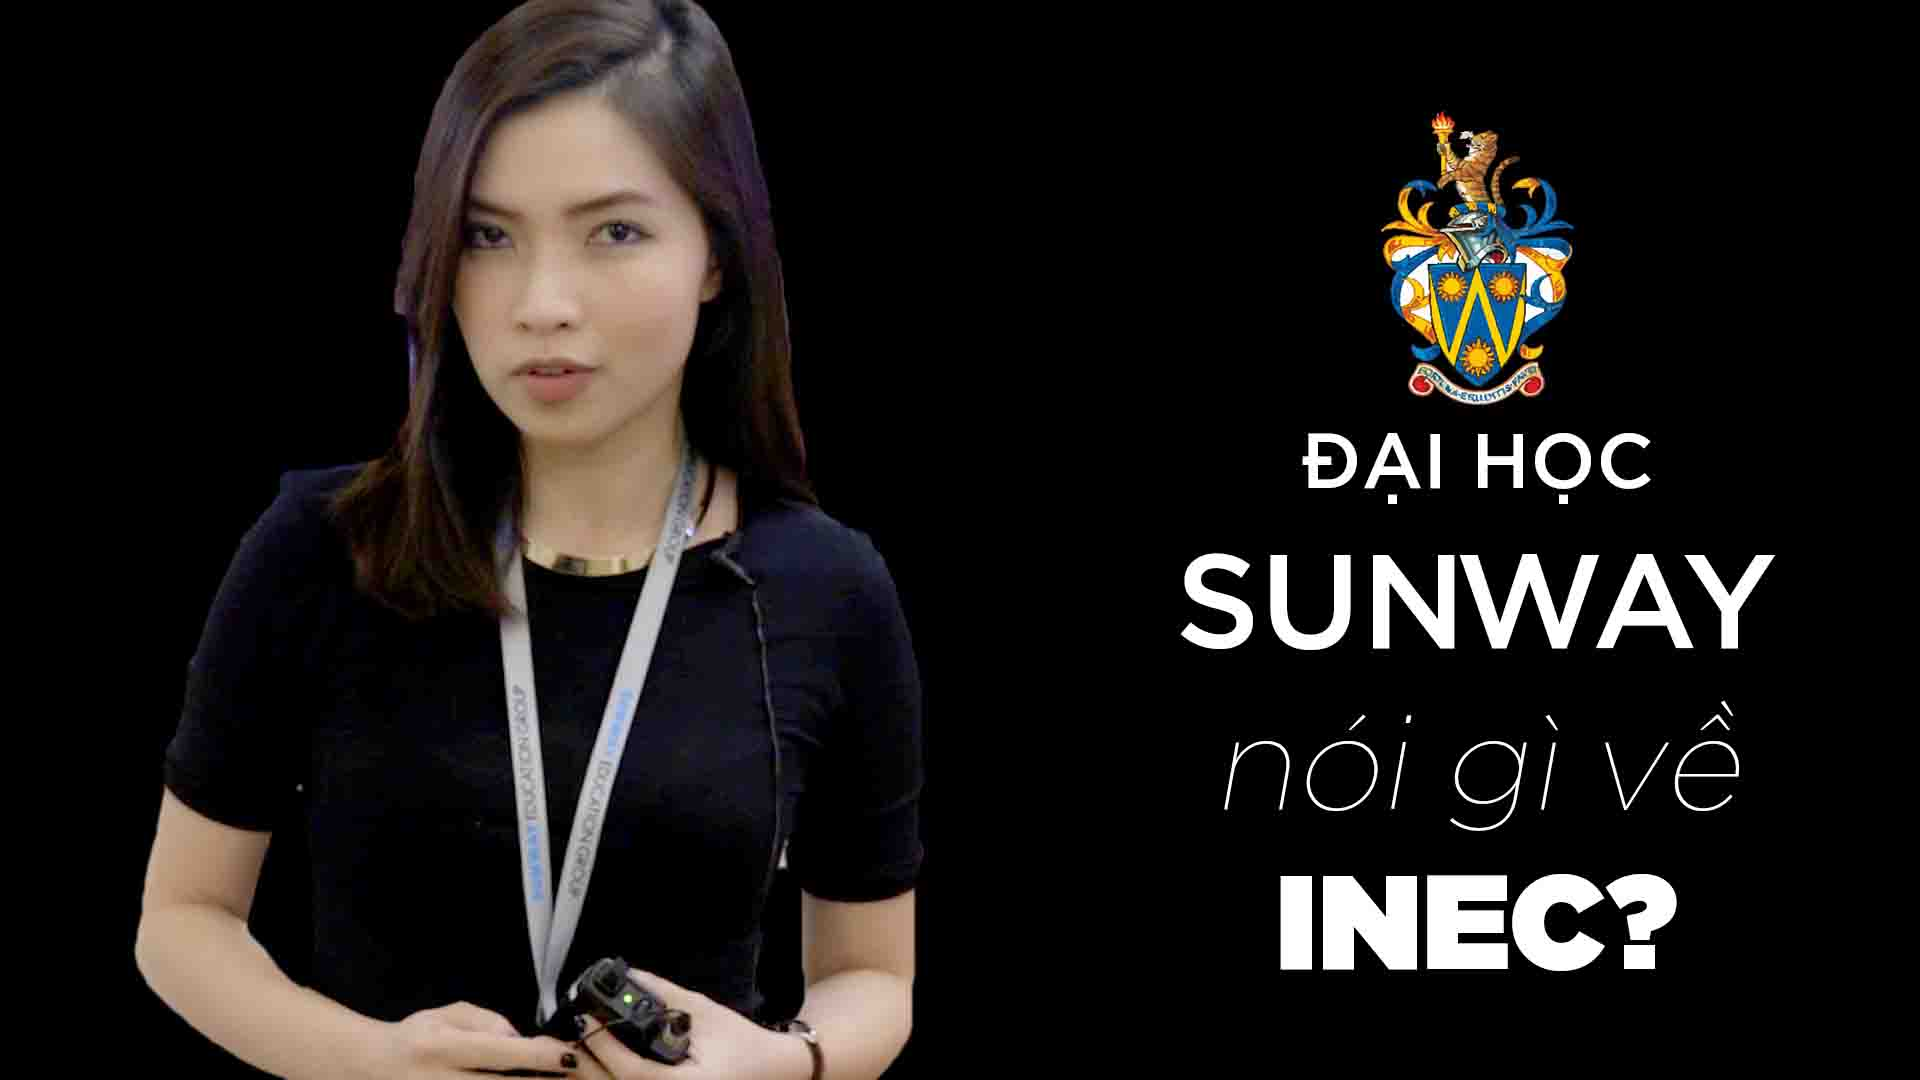 Cô Lina Agus là đại diện đến từ Đại học Sunway – một trong những trường đại học hàng đầu của Malaysia. Sunway có mối quan hệ hợp tác với các trường đại học uy tín thế giới như Lancaster (Anh), Le Cordon Bleu (Pháp). Theo học tại đây, bạn đồng thời nhận được bằng cấp từ Sunway và trường đối tác. Cô Lina chia sẻ về những lý do sinh viên quốc tế tin tưởng chọn Sunway khi du học Malaysia. Cô cũng đánh giá cao mối quan hệ hợp tác giữa Sunway và INEC và tin tưởng vào sự phát triển của sự hợp tác này trong tương lai.